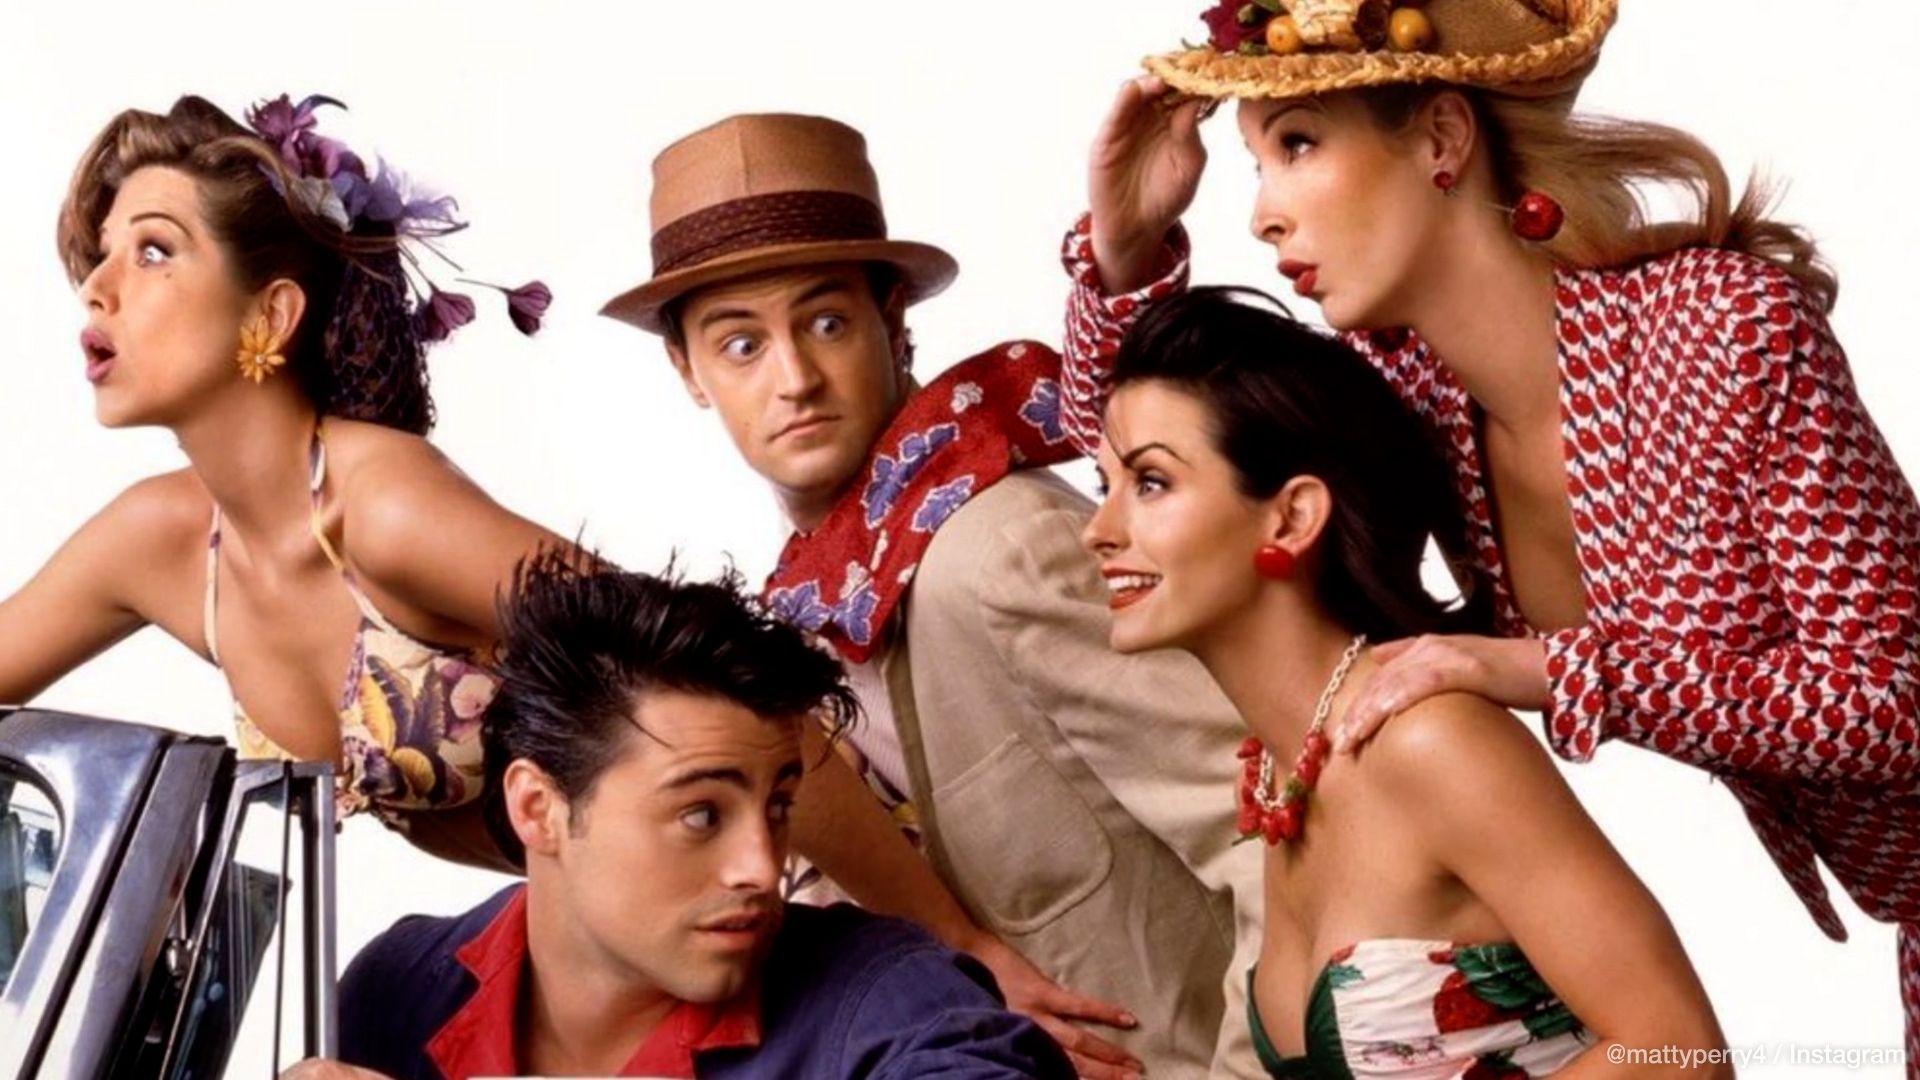 Versehen oder Marketing-Gag? Matthew Perry postet und löscht Foto vom 'Friends'-Set